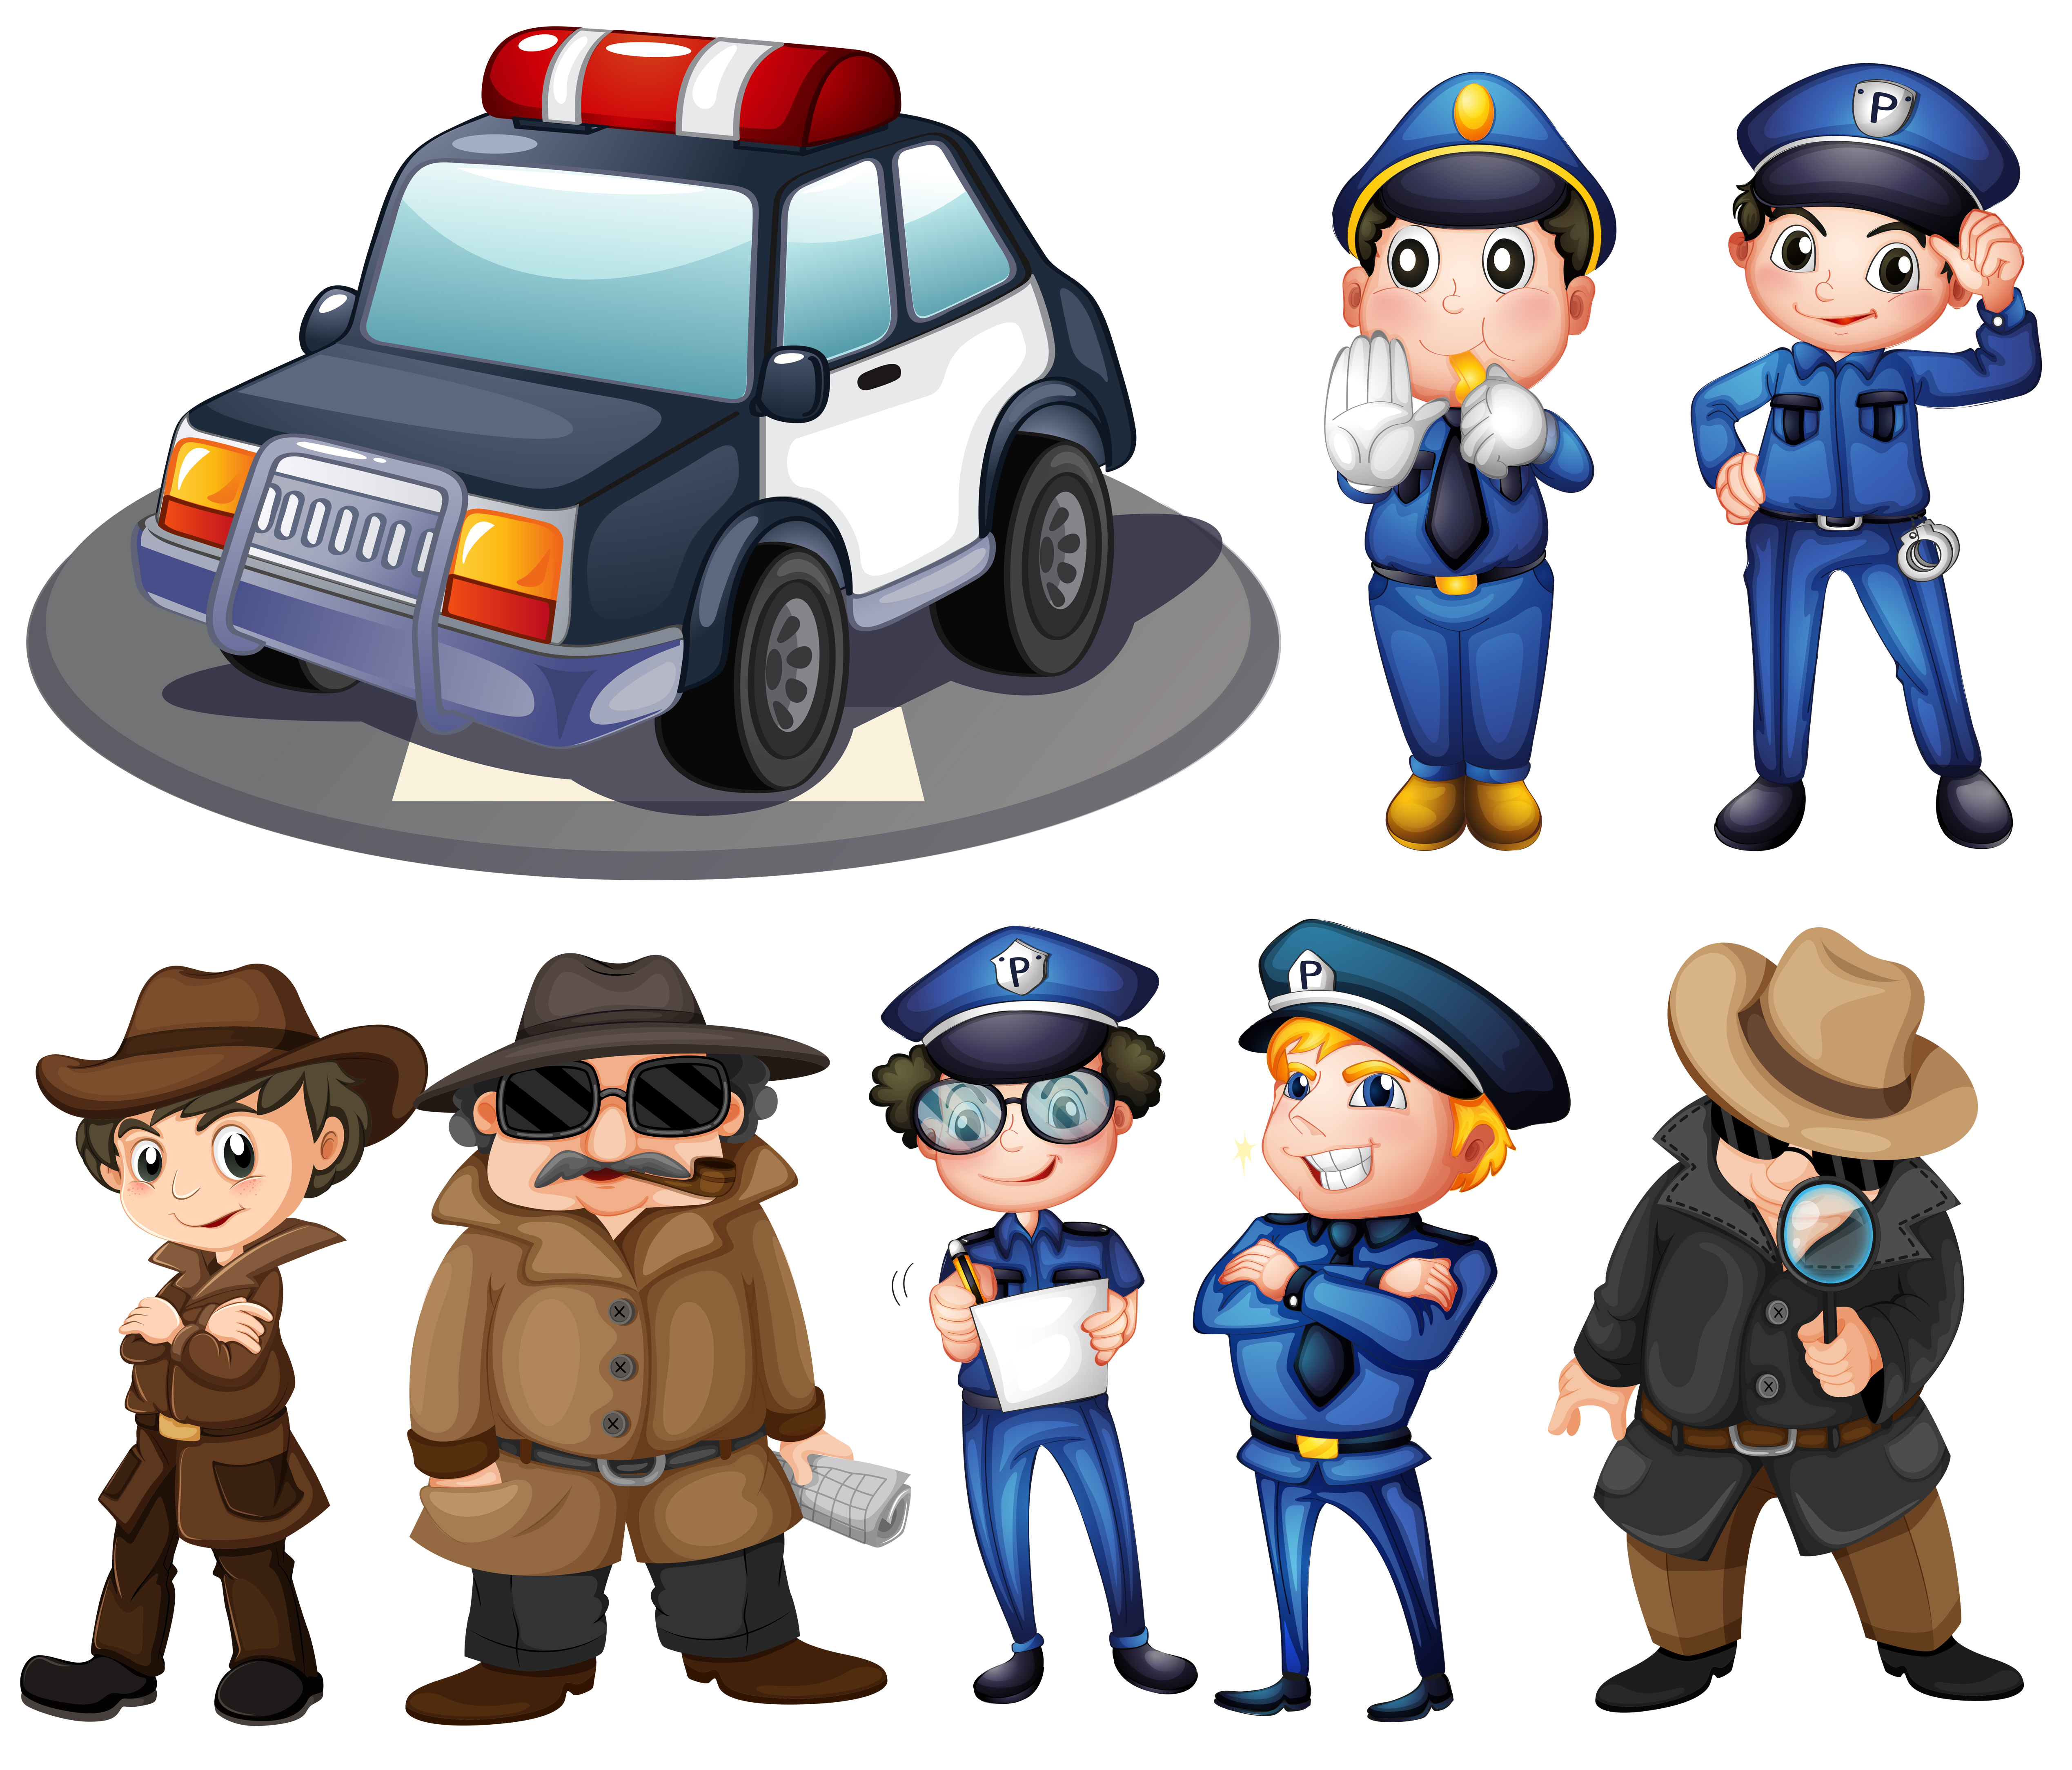 警察q版 免費下載 | 天天瘋後製